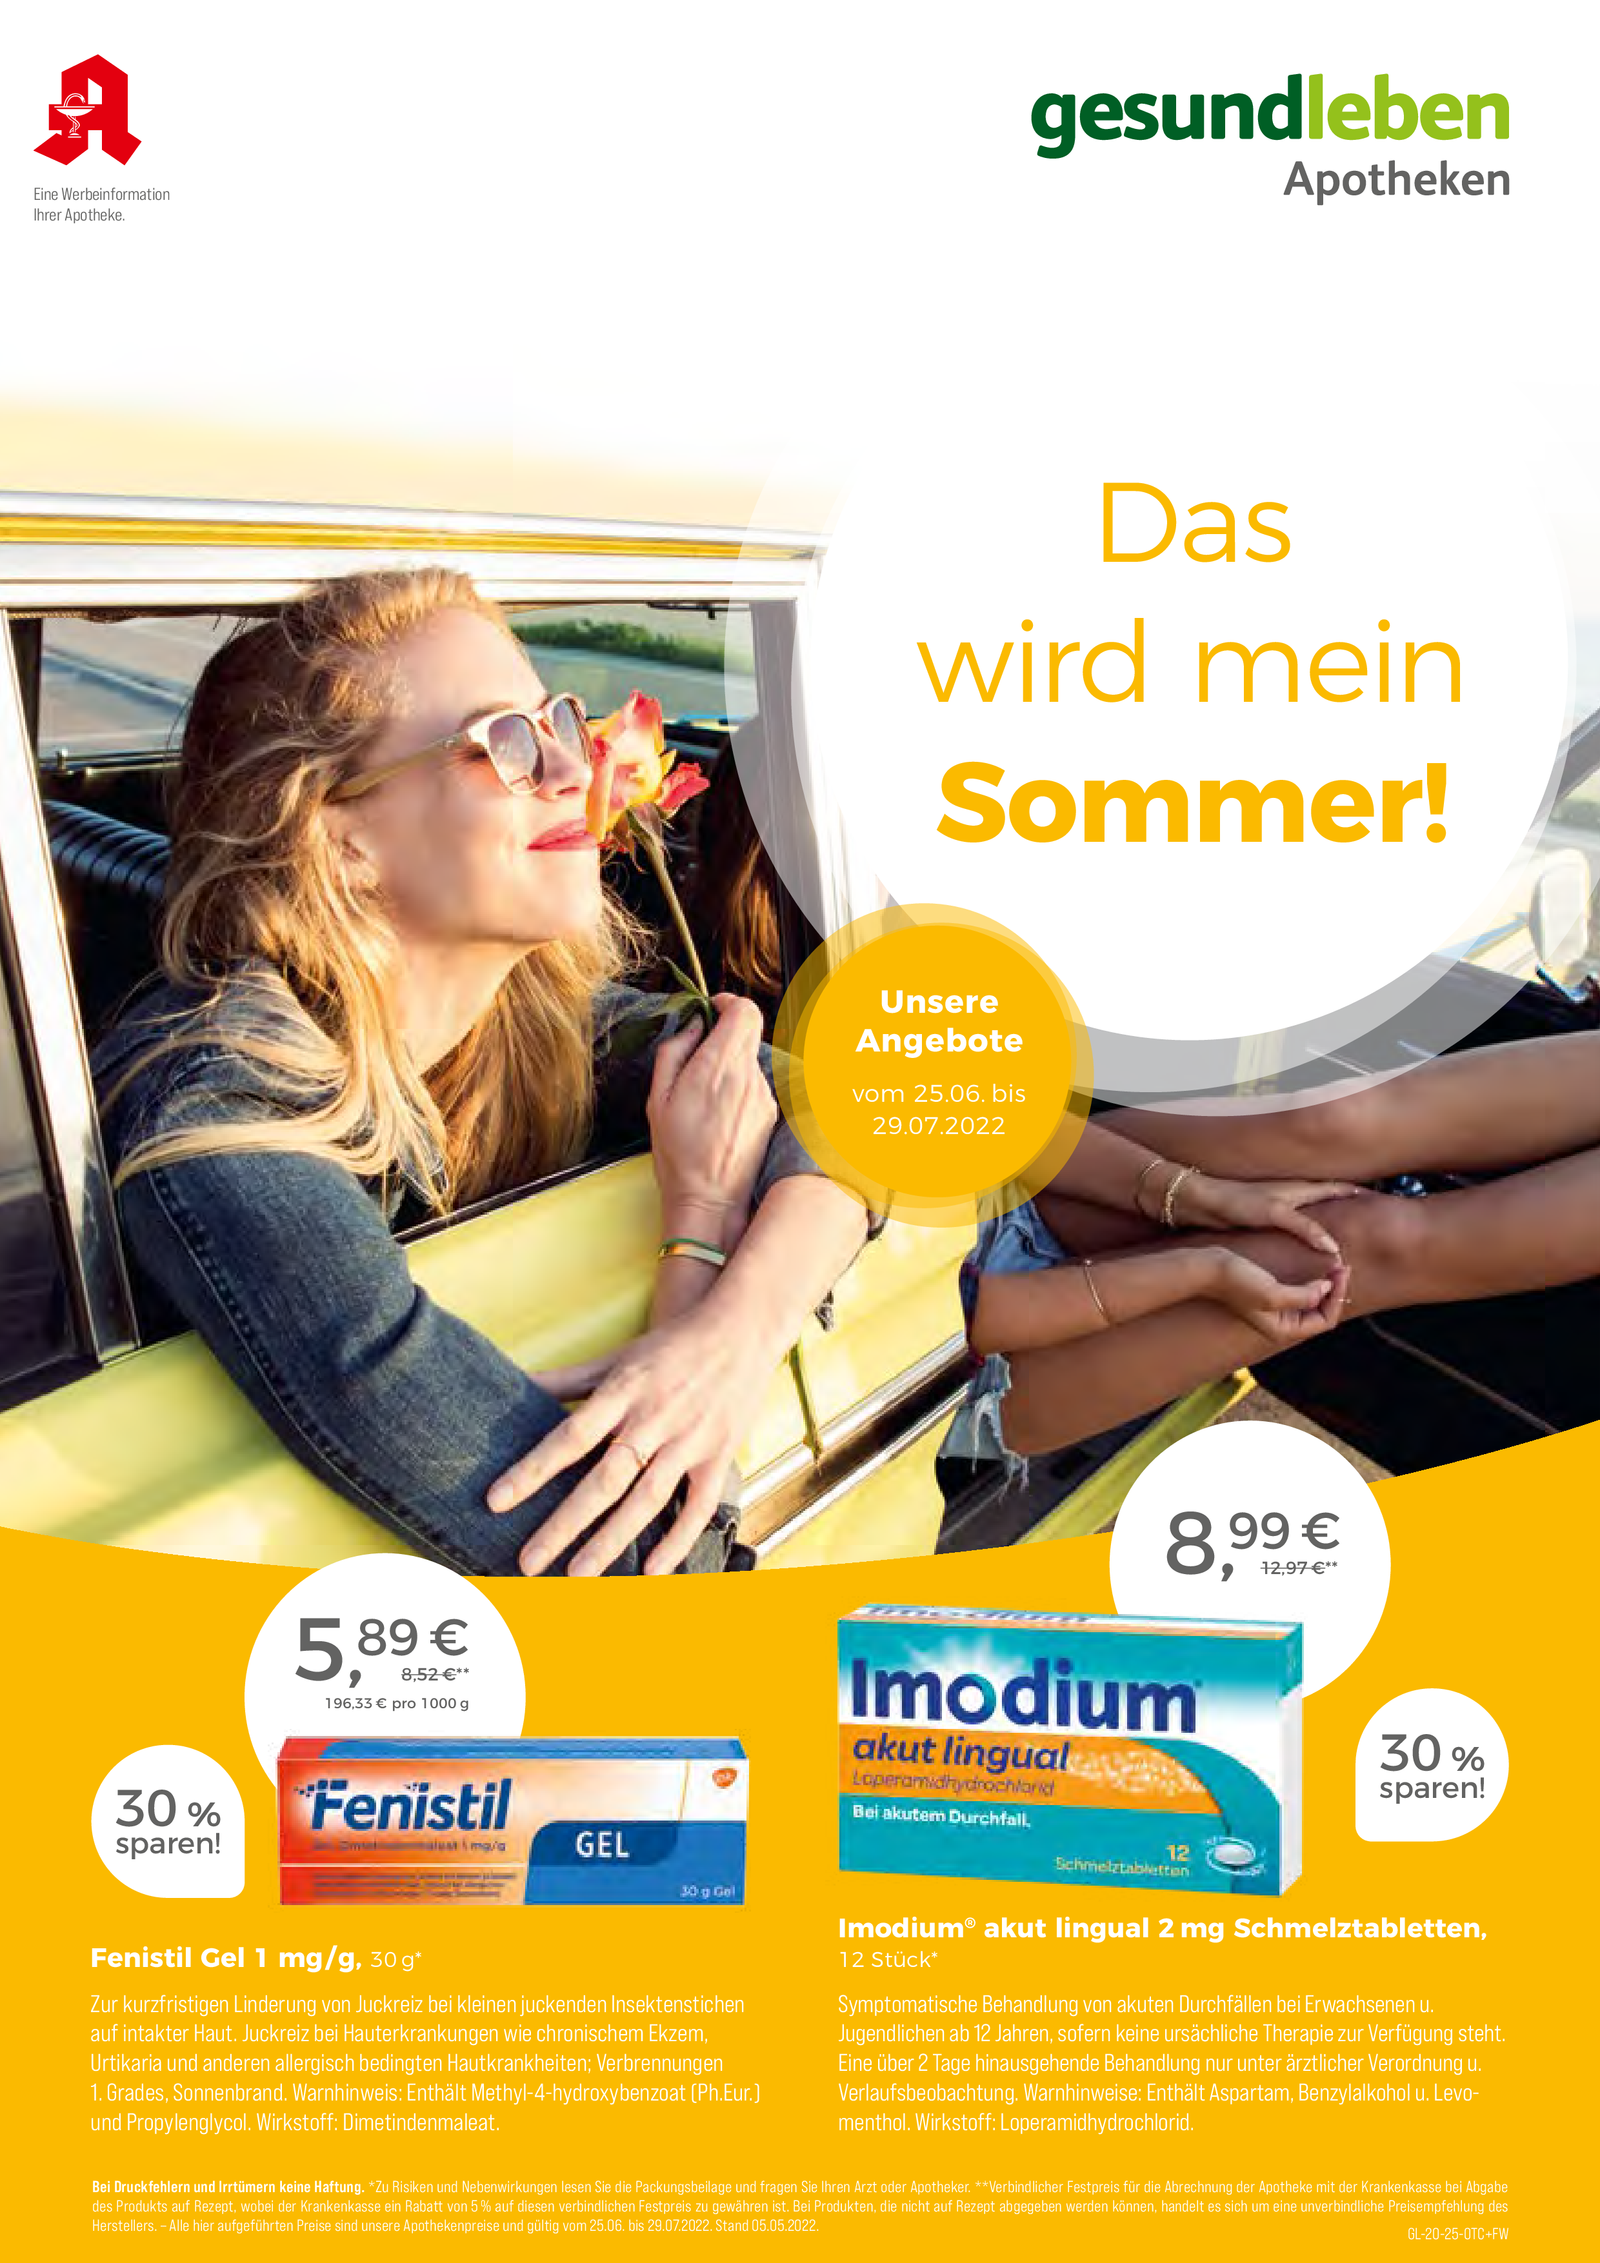 https://mein-uploads.apocdn.net/9910/leaflets/gesundleben_mittel-Seite1.png